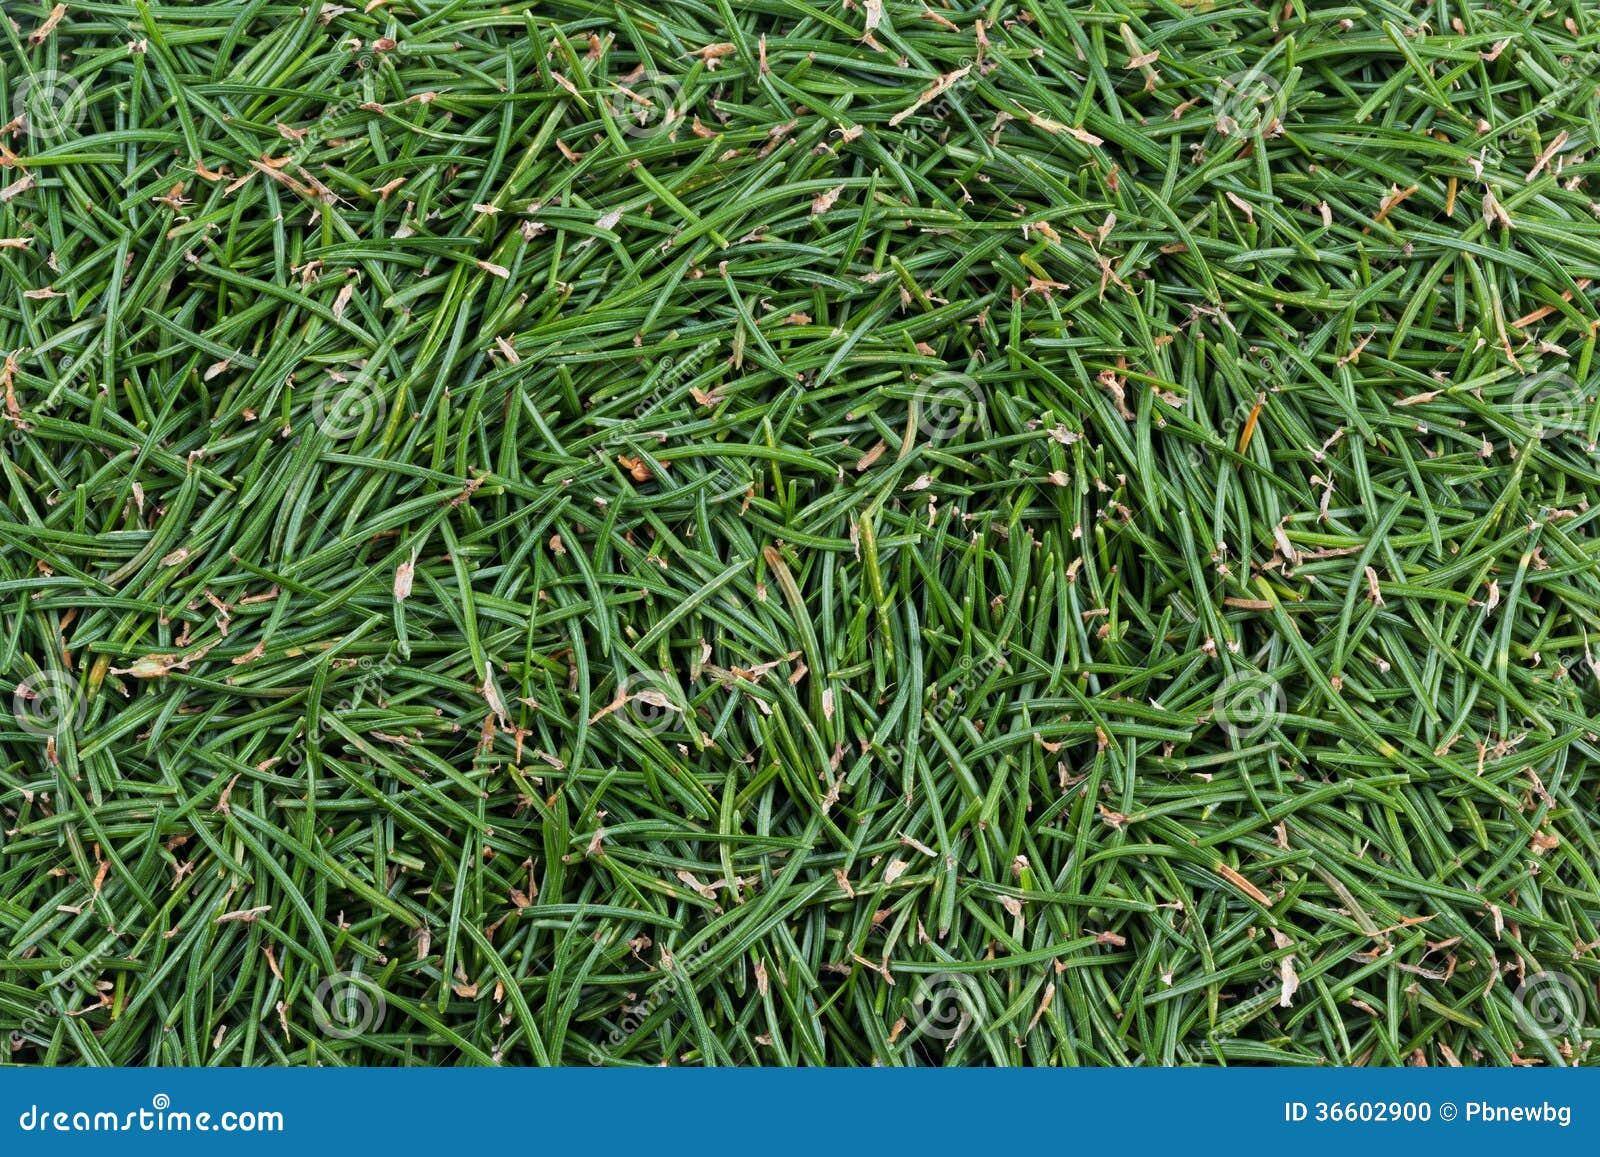 Grüner teppich  Grüner Teppich Von Tannennadeln Stockfoto - Bild: 36602900